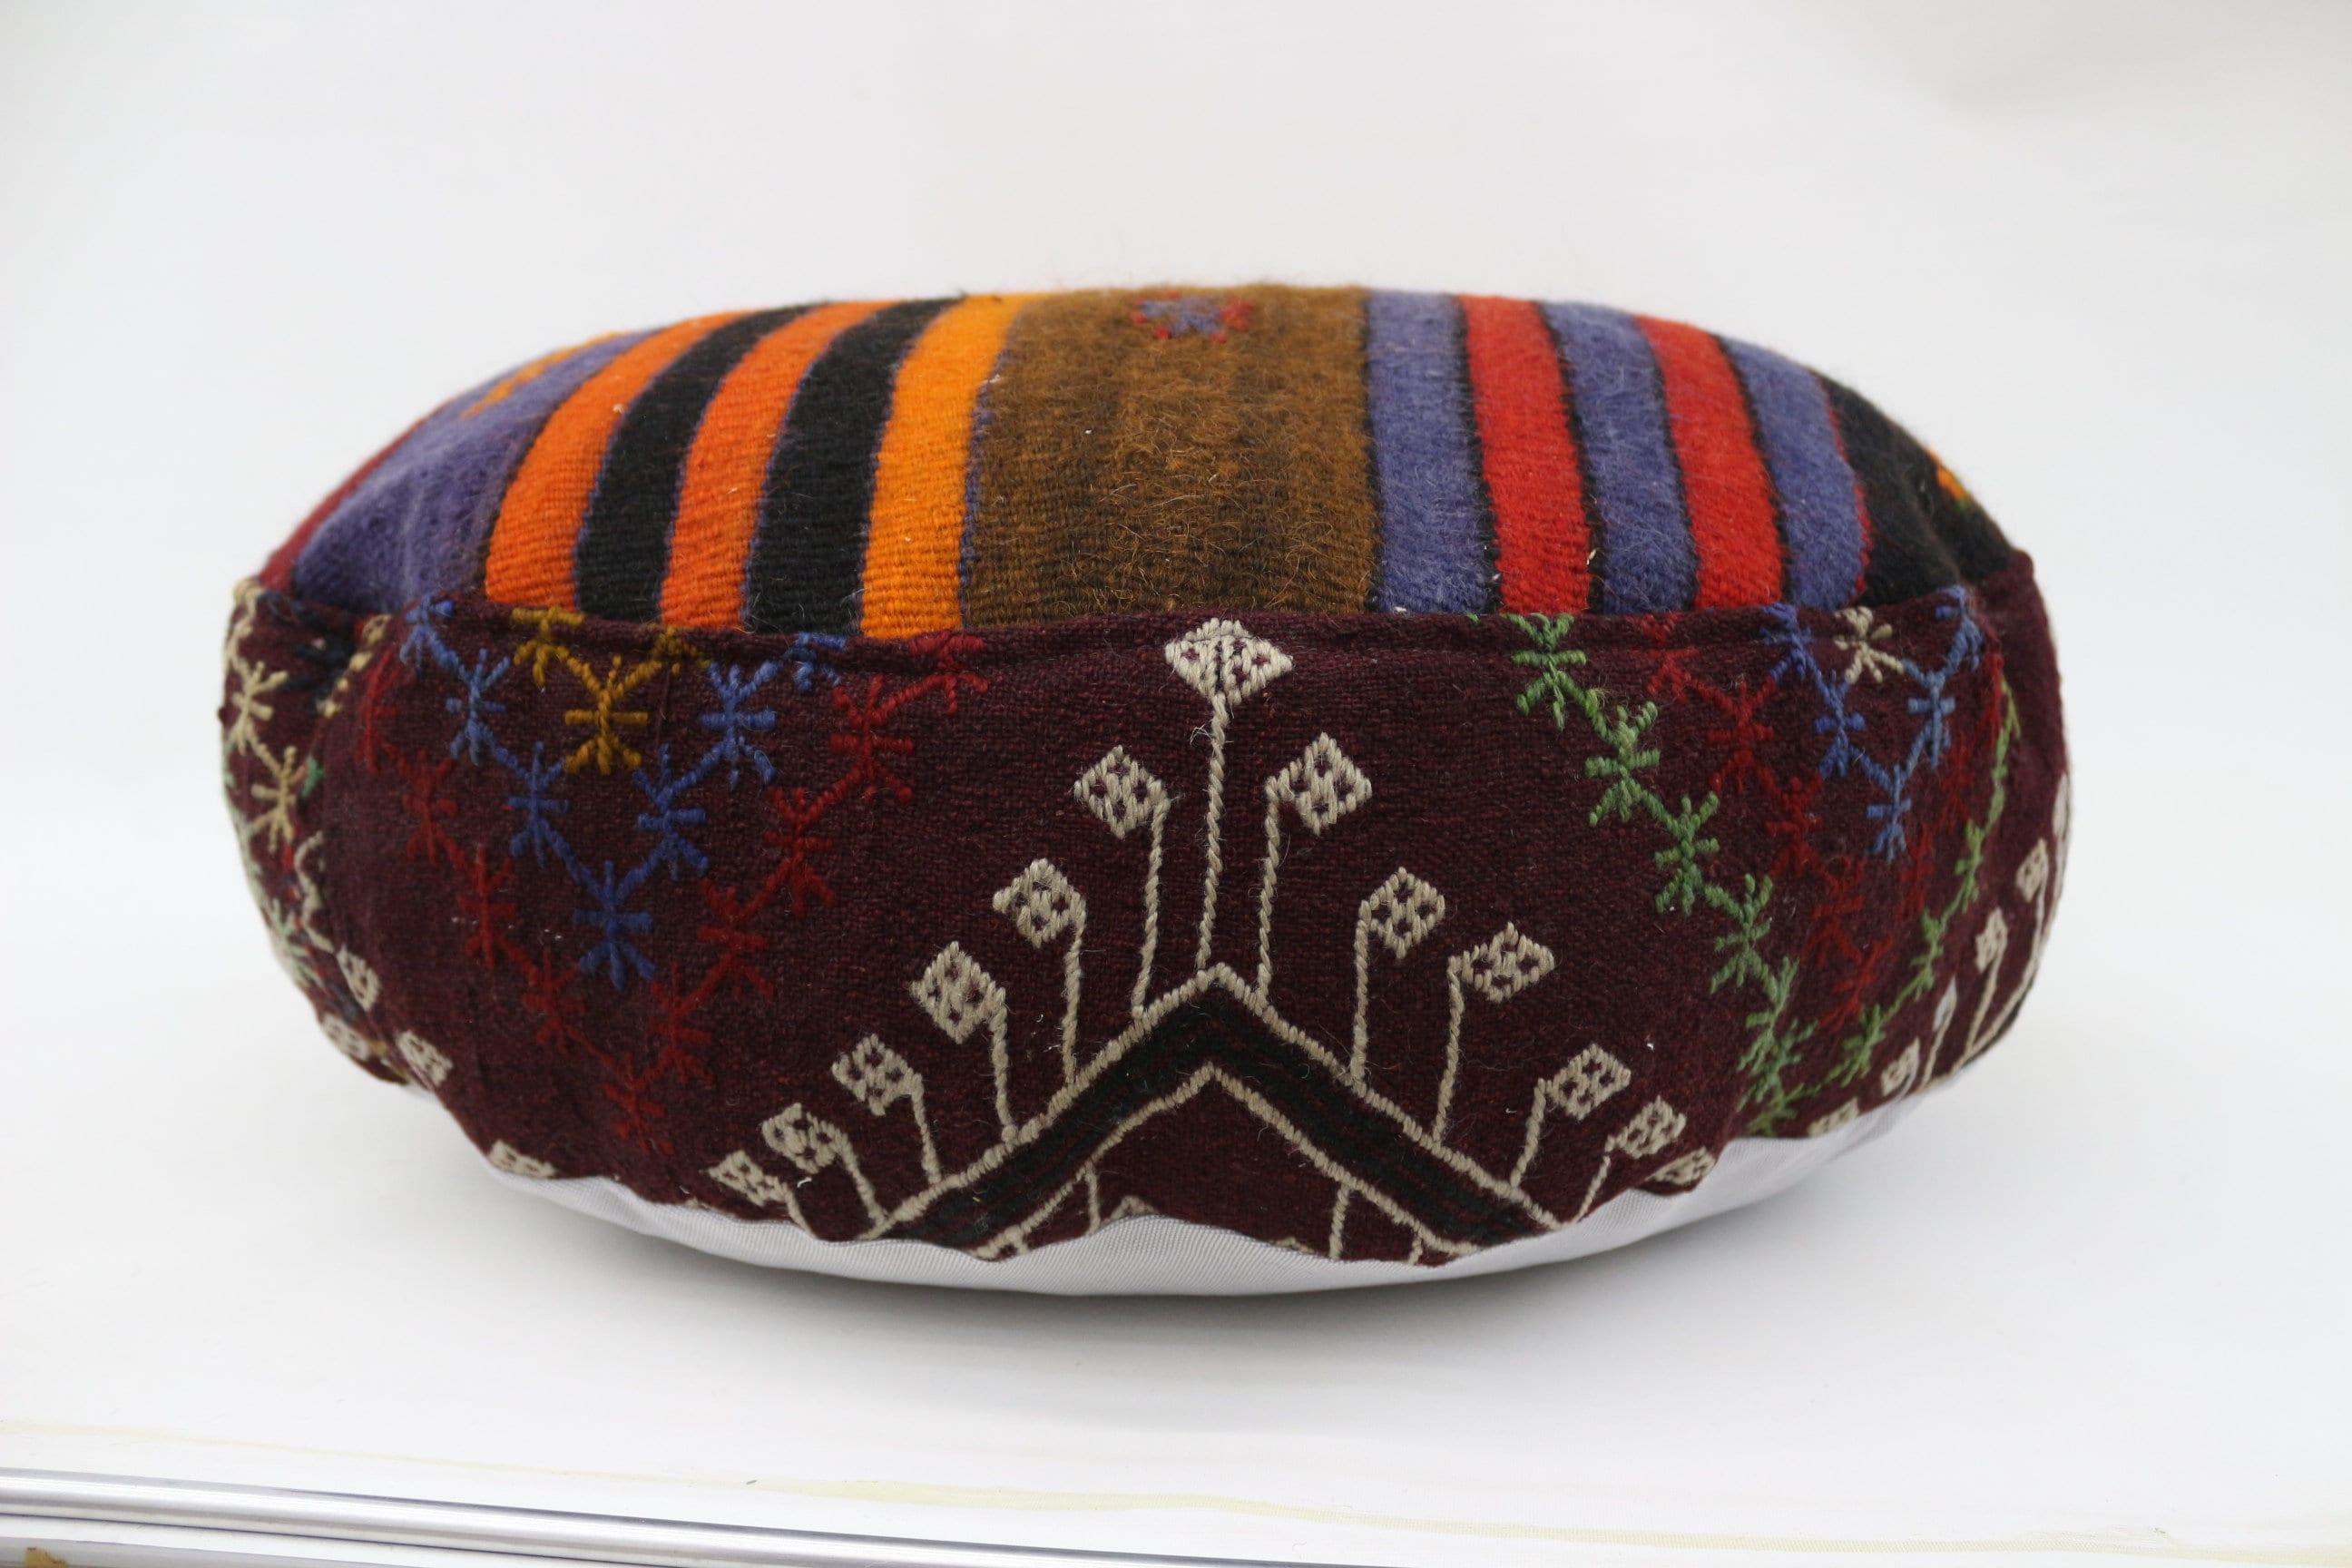 Striped Kilim Pouf,Camping Puff,24x24x6 Pear Seat,Brown Pouf,Circle Pouf,Floor Pillow Cover,Garden Pouf Pillow,Round Puffs SP606015 68